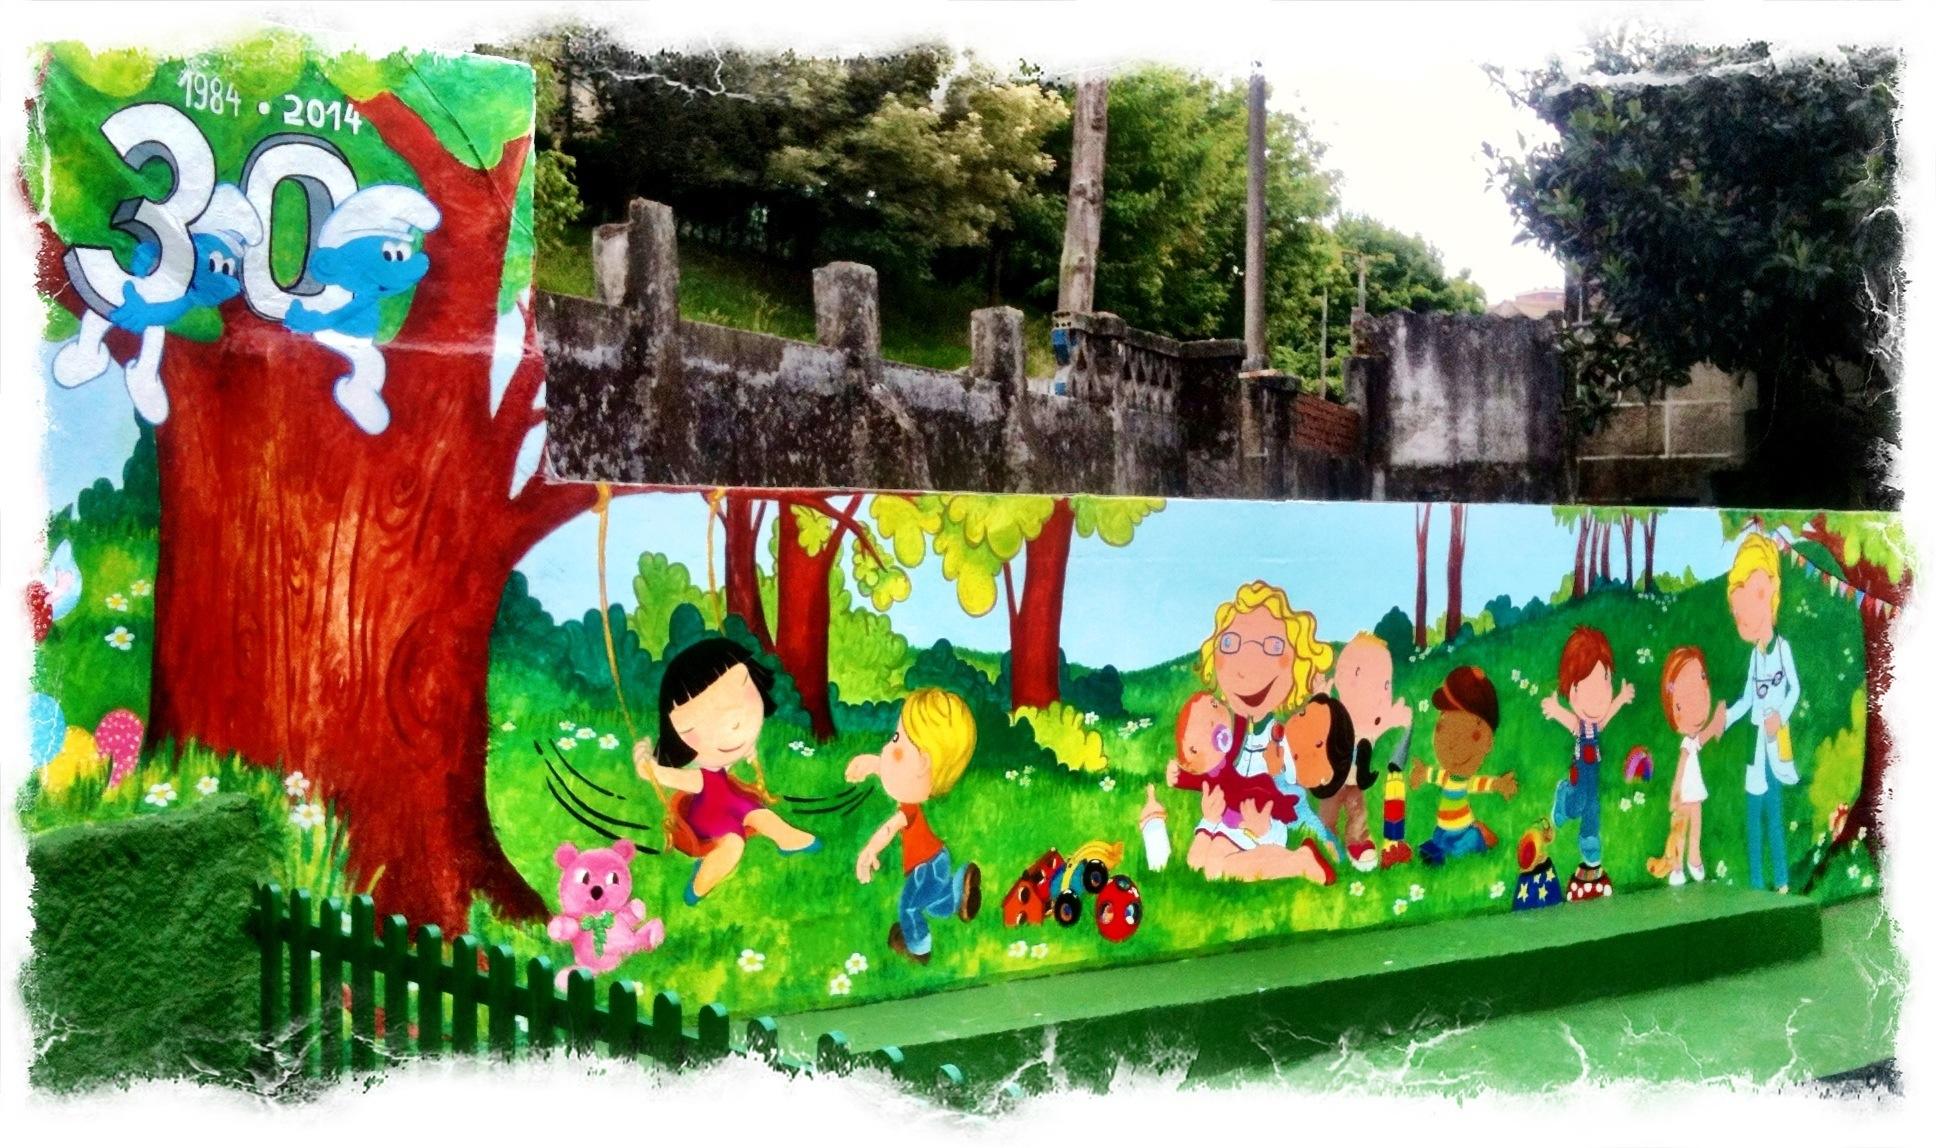 Pintura Mural begoña Pérez-Herrera Moreno, bgophycolorincolorado, vigo.jpg